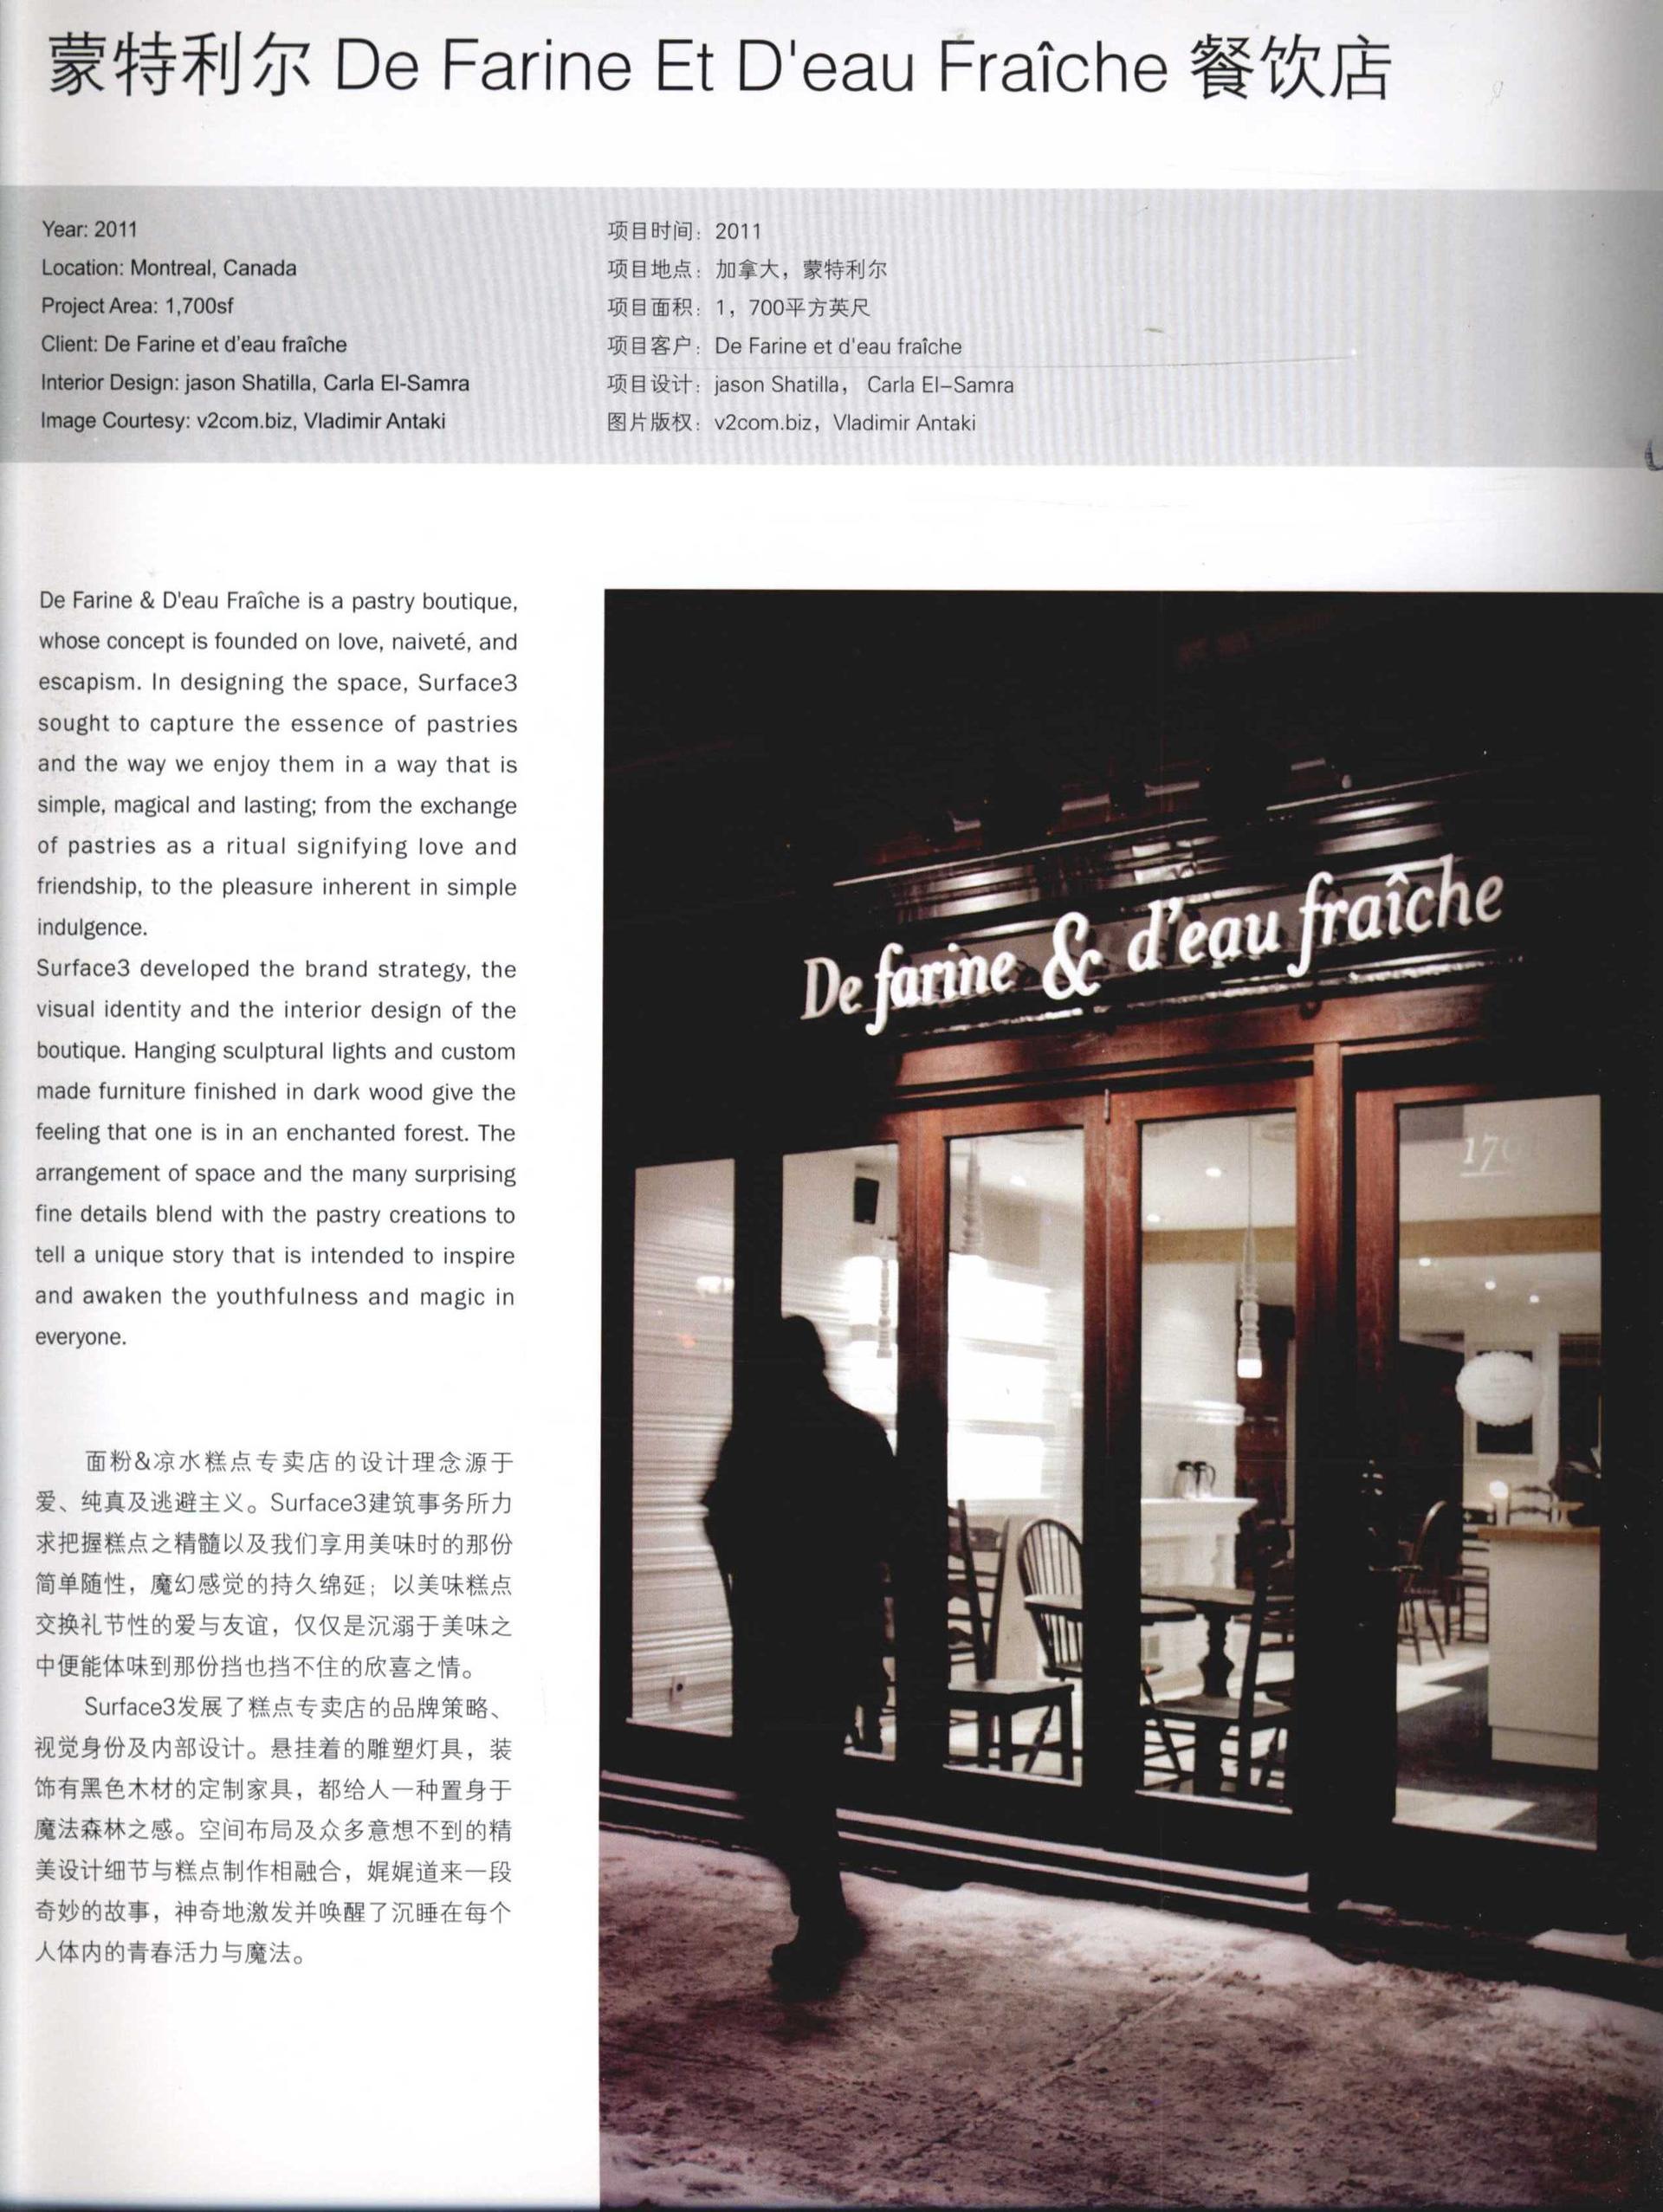 2012全球室内设计年鉴  餐饮_Page_251.jpg